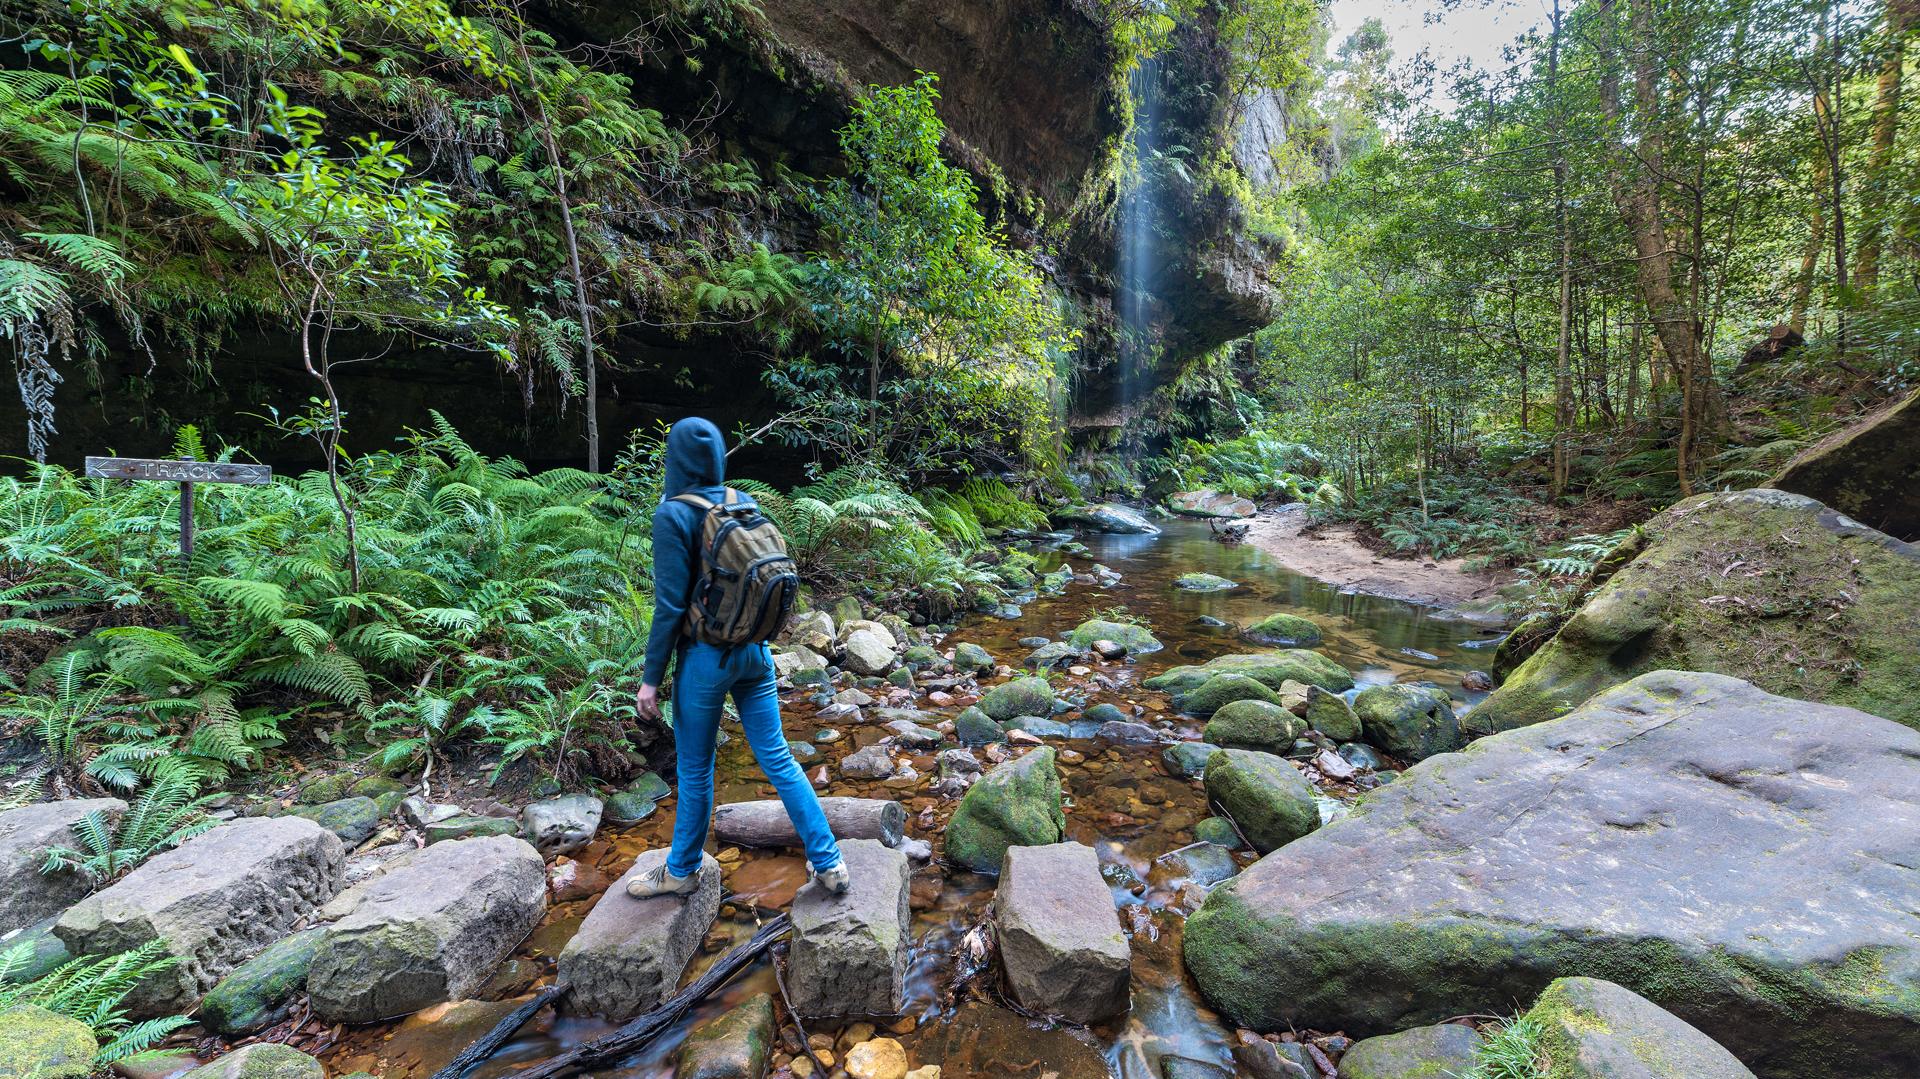 Este increíble rincón australiano es especialmente conocido por sus espectaculares paisajes naturales (Getty)